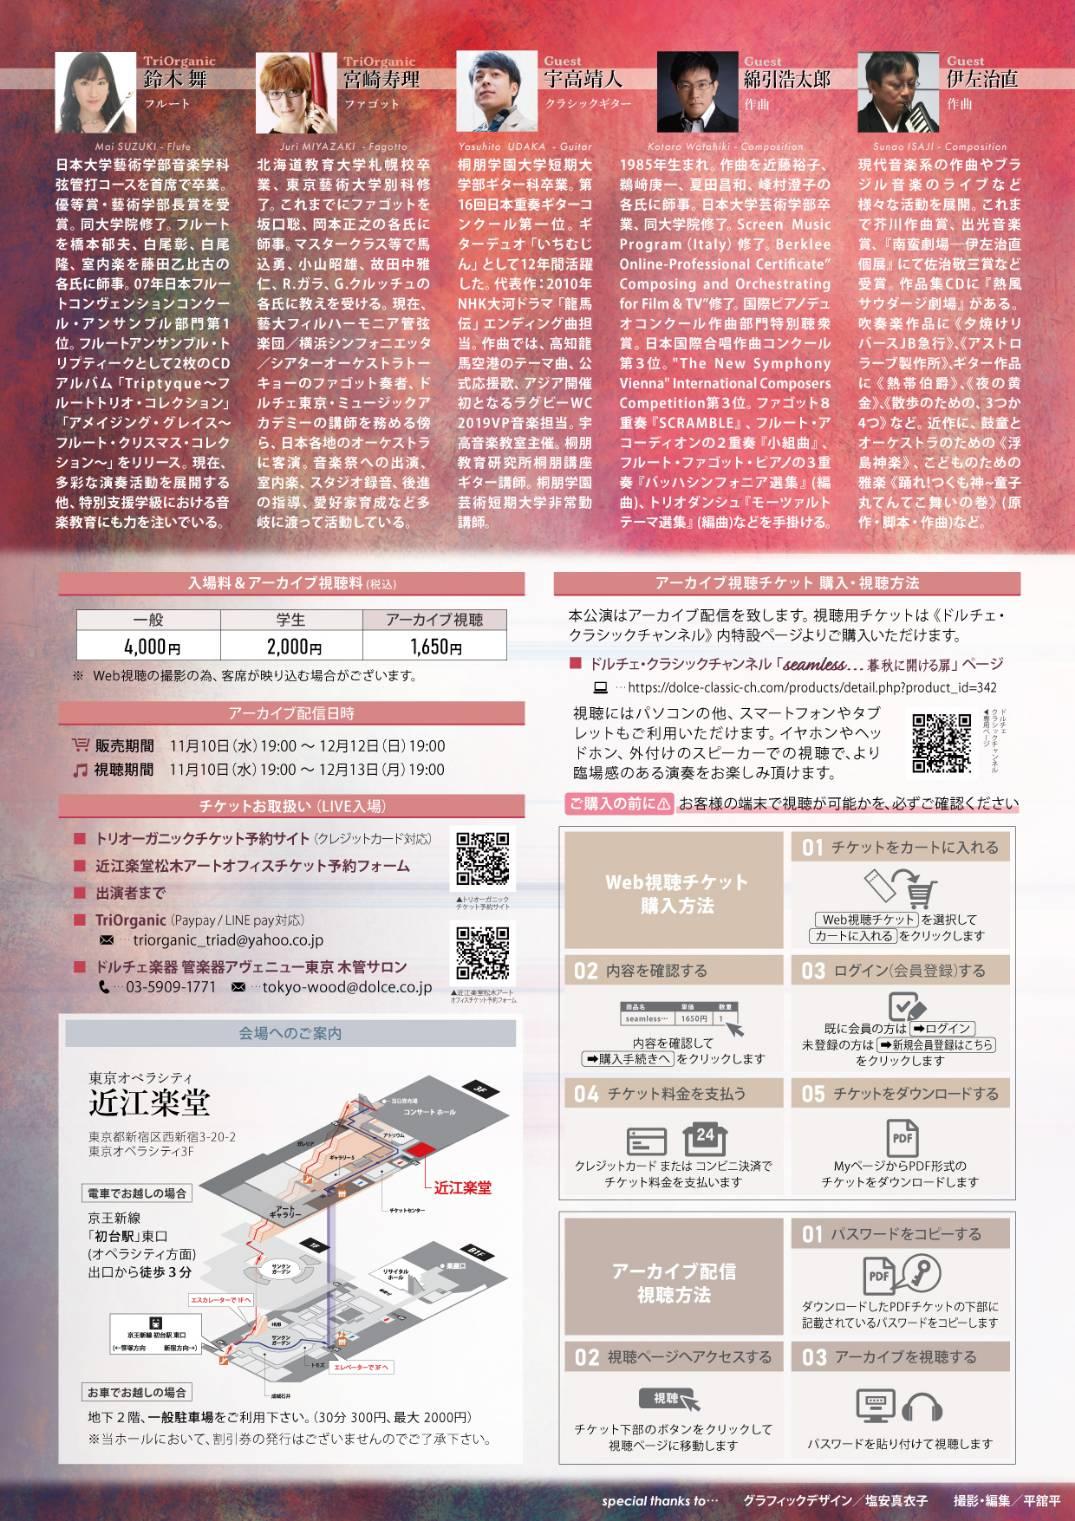 文化庁「ARTS for the future!」補助対象事業『TriOrganic 2021 秋定期公演 vol.5』seamless…暮秋に開ける扉【夜公演】